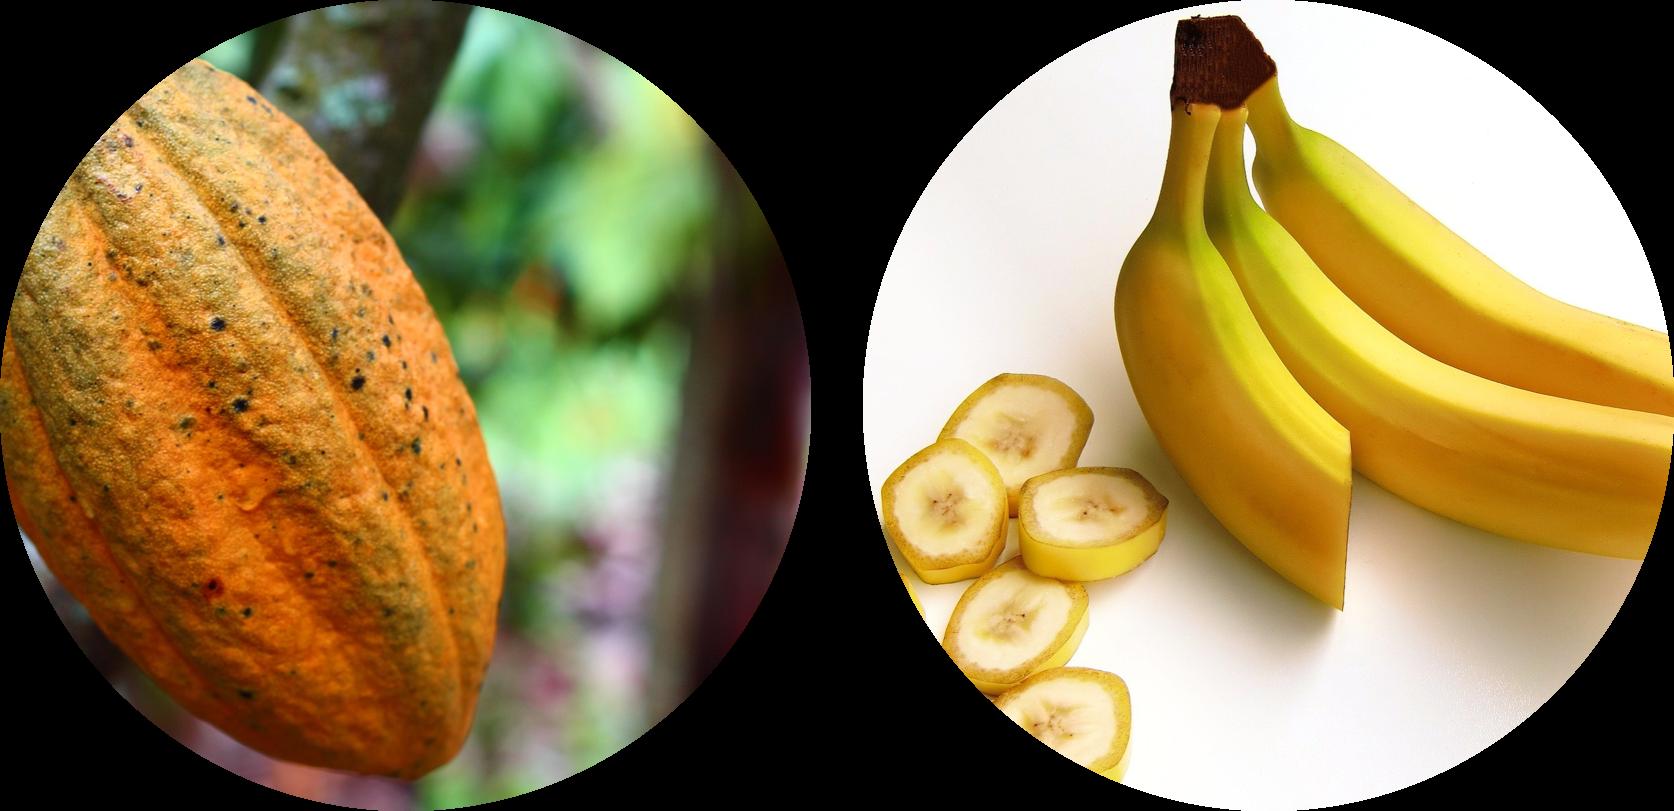 Epidemia em banana e cacau